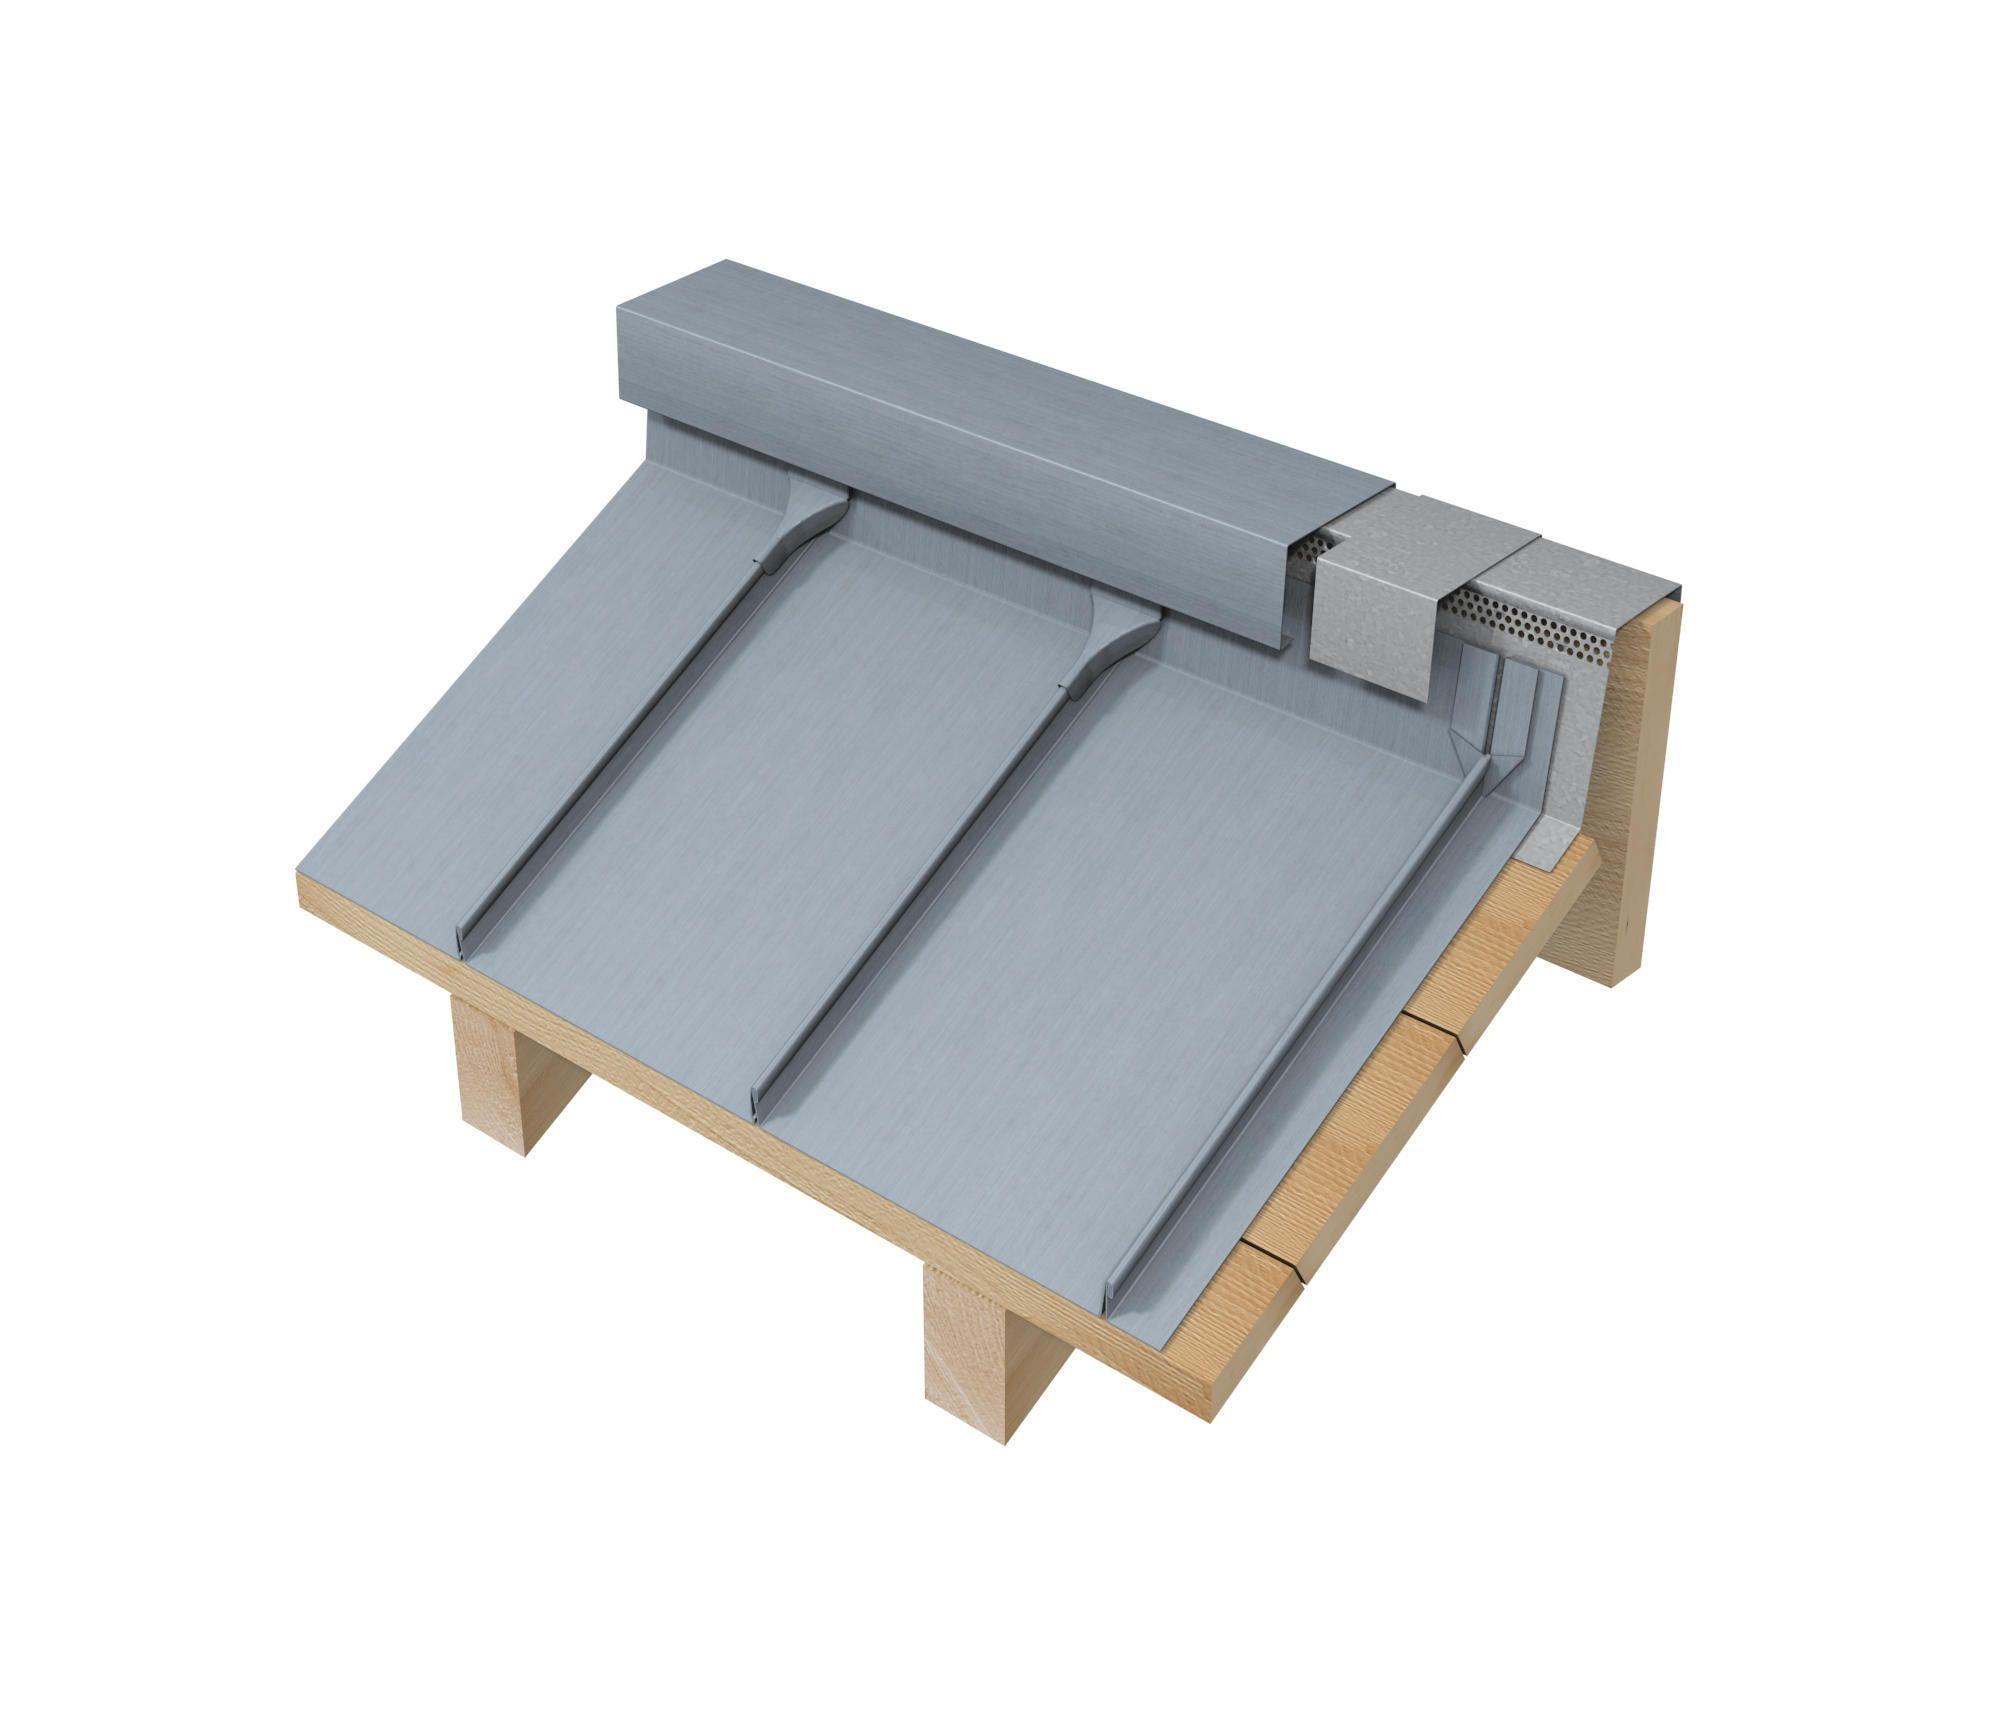 rheinzink doppelstehfalz im hinblick auf den werkstoff zink gilt der doppelstehfalz als. Black Bedroom Furniture Sets. Home Design Ideas